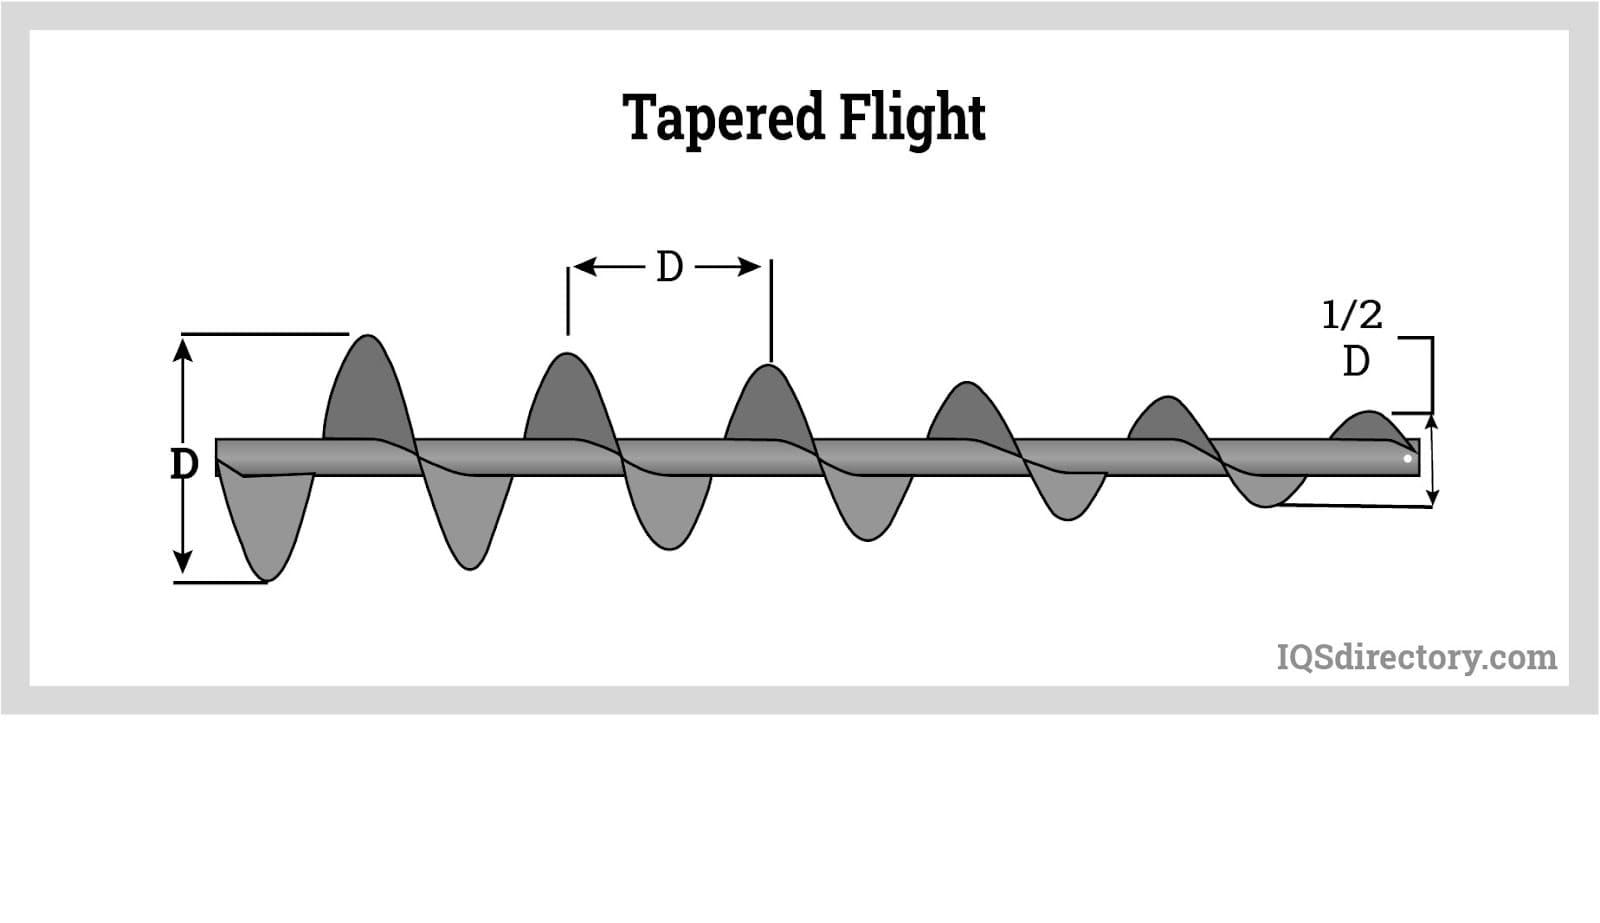 Tapered Flight